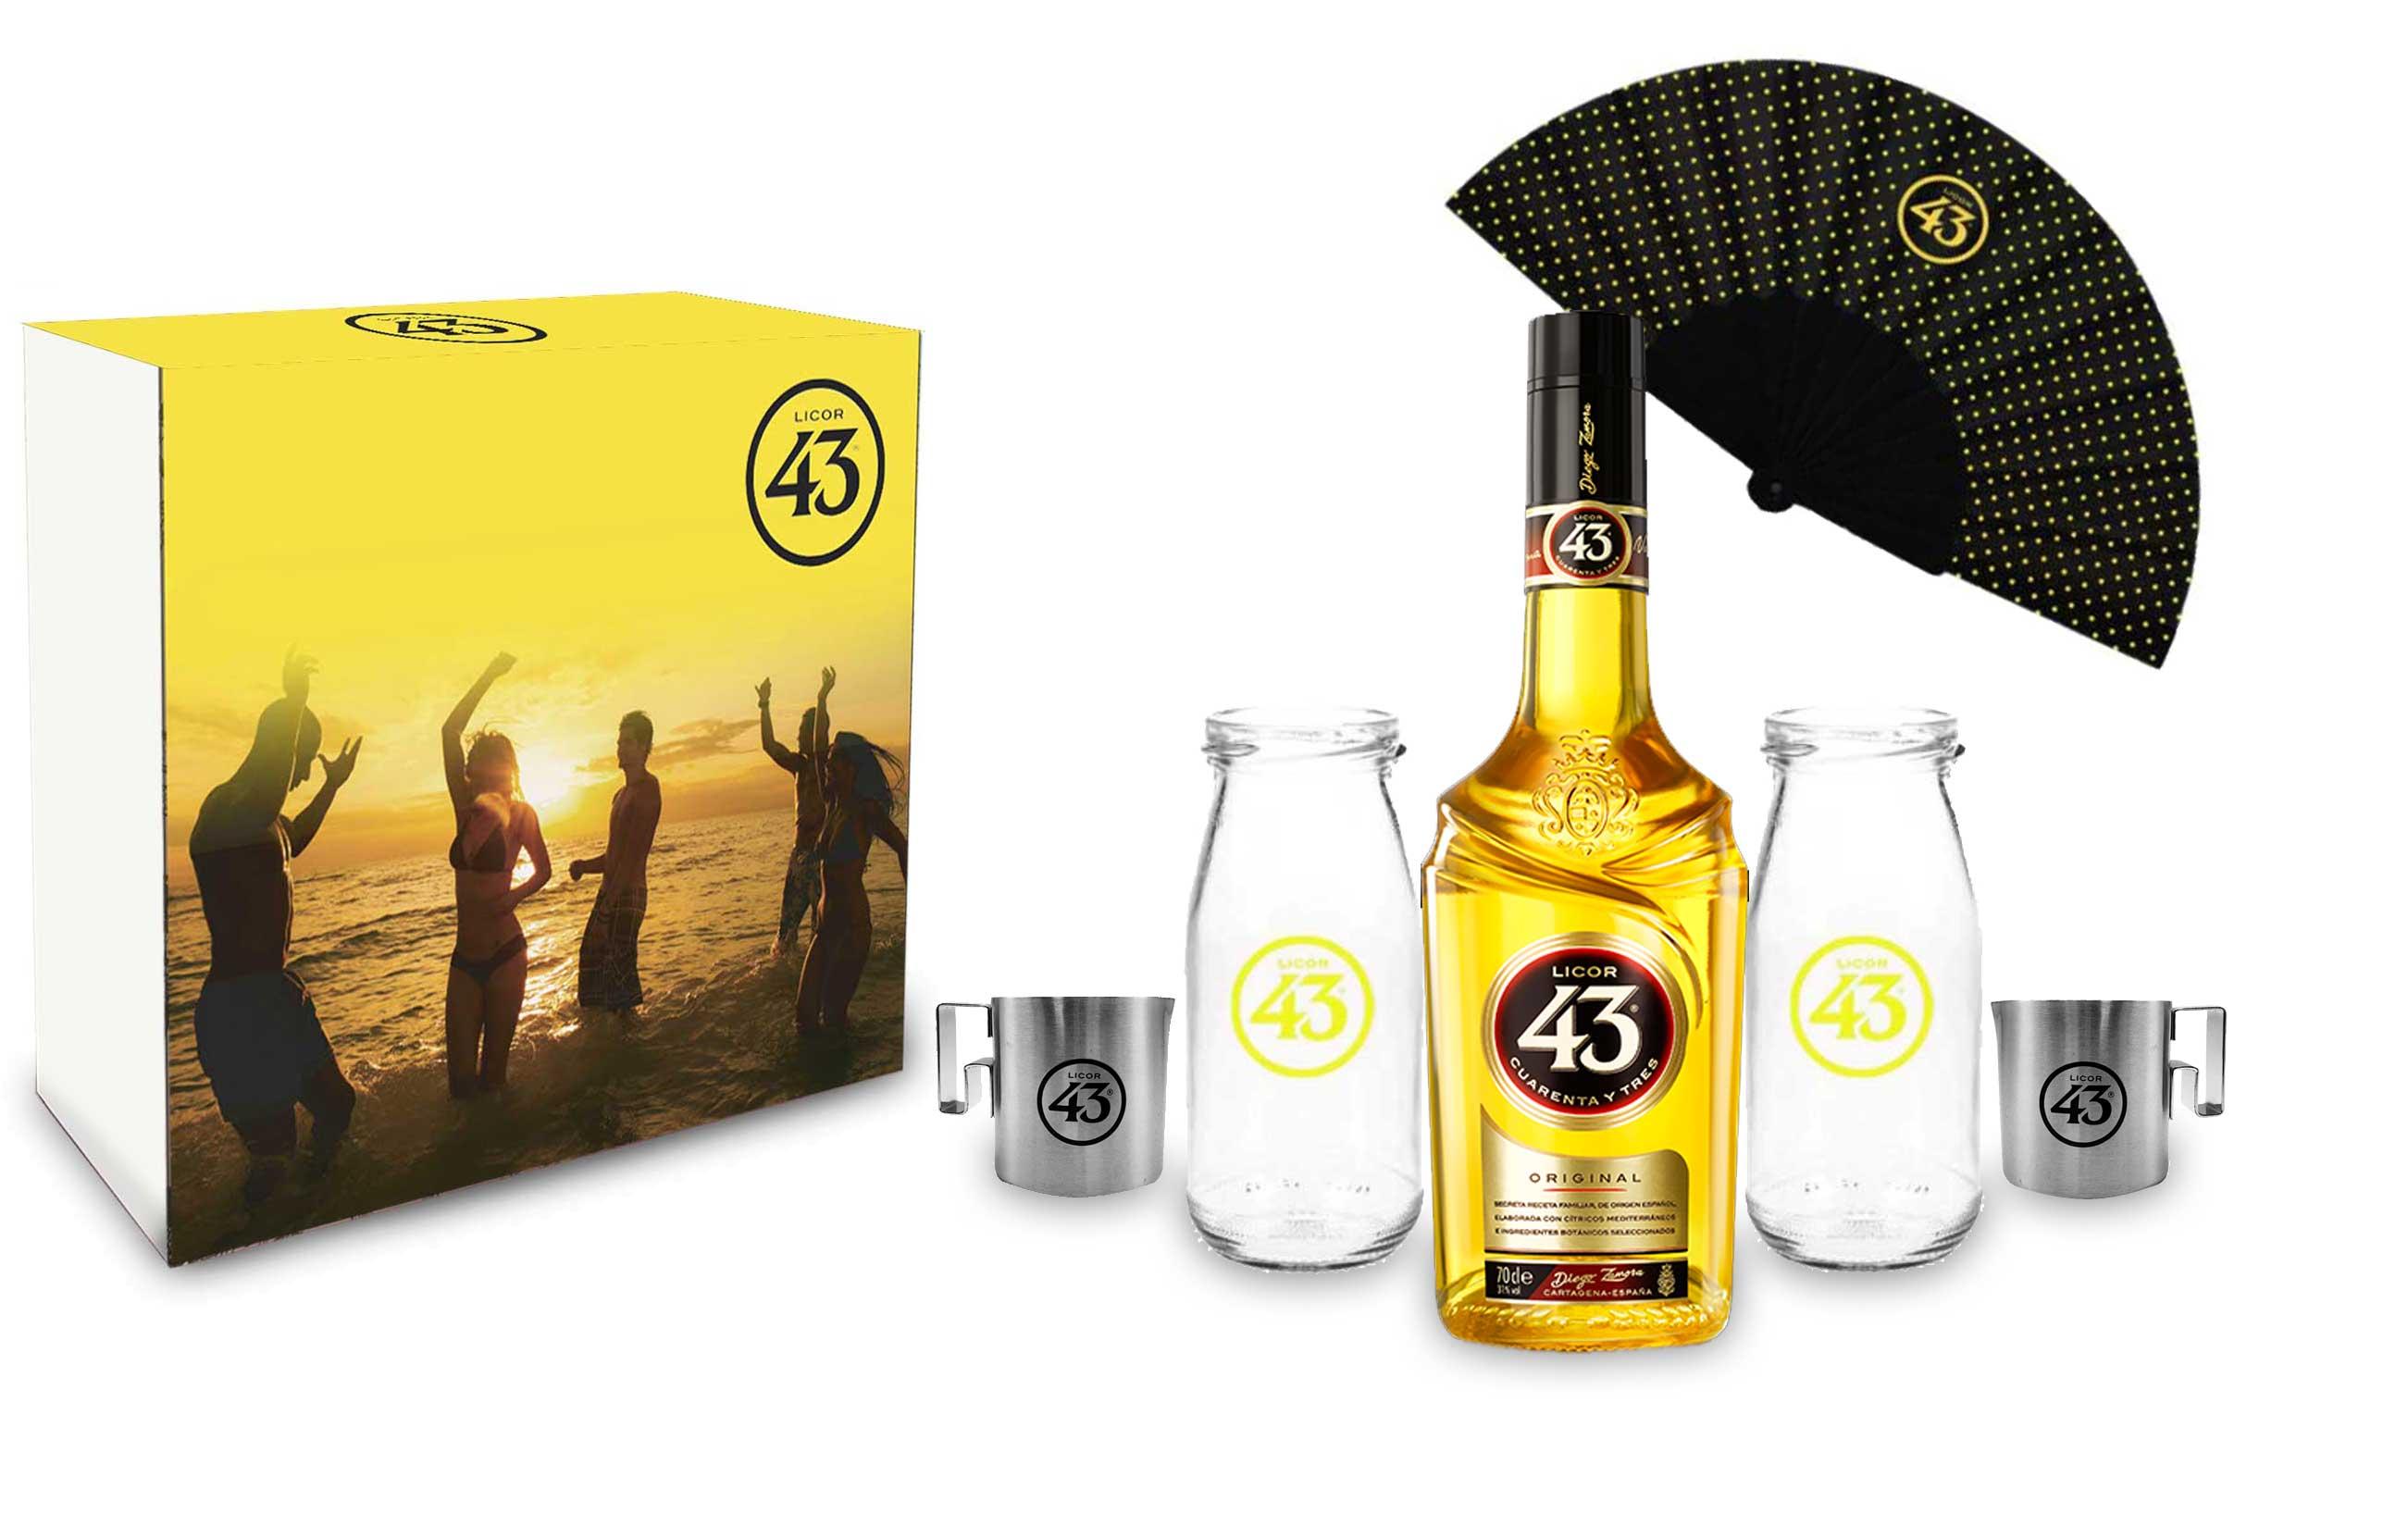 Licor 43 Schuber Geschenkset Cuarenta y Tres 0,7l (31% Vol) + 2x Milch Flasche/ Gläser +2x Kaffee Kännchen + 1 Fächer- [Enthält Sulfite]